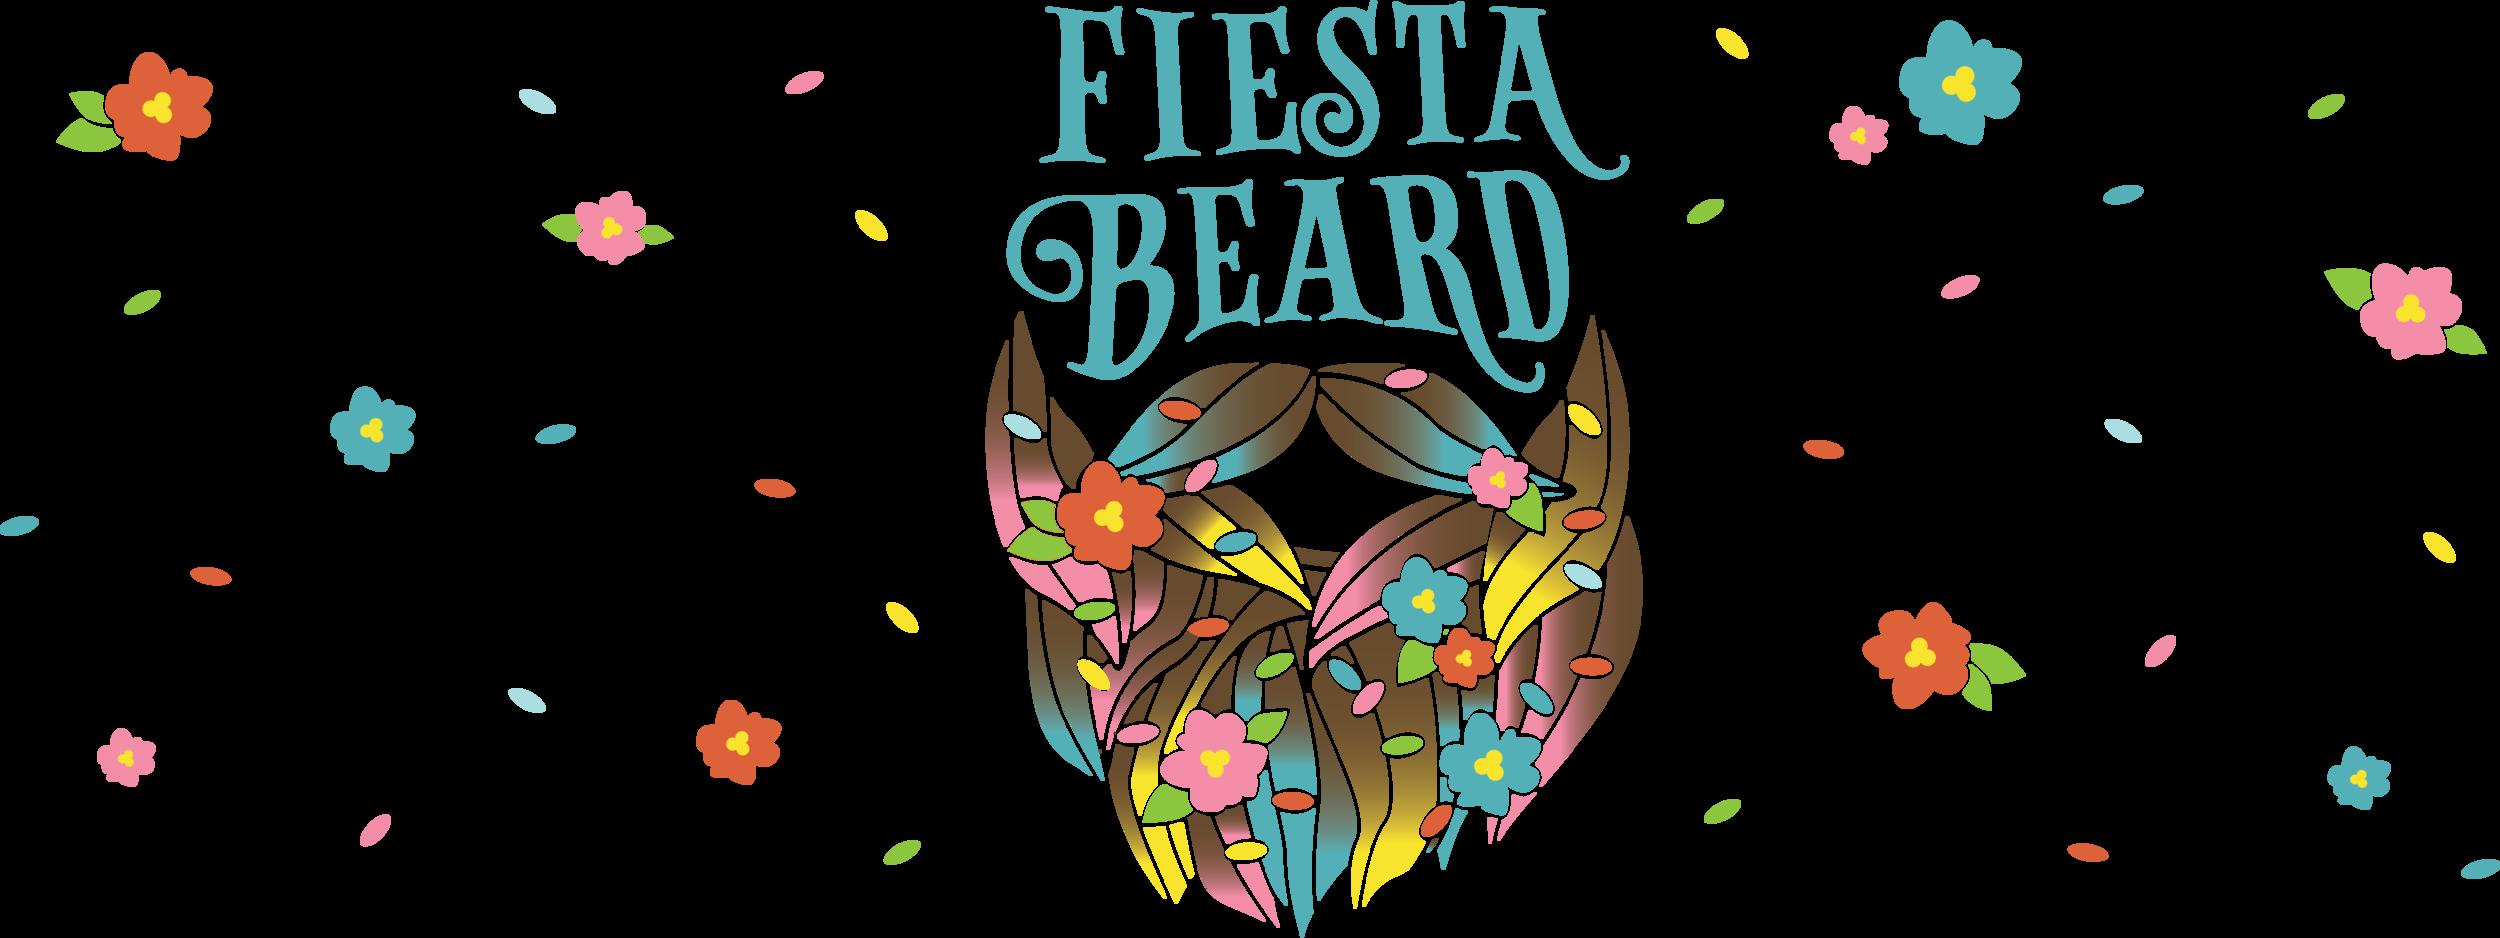 Fiesta beard site banner2.png